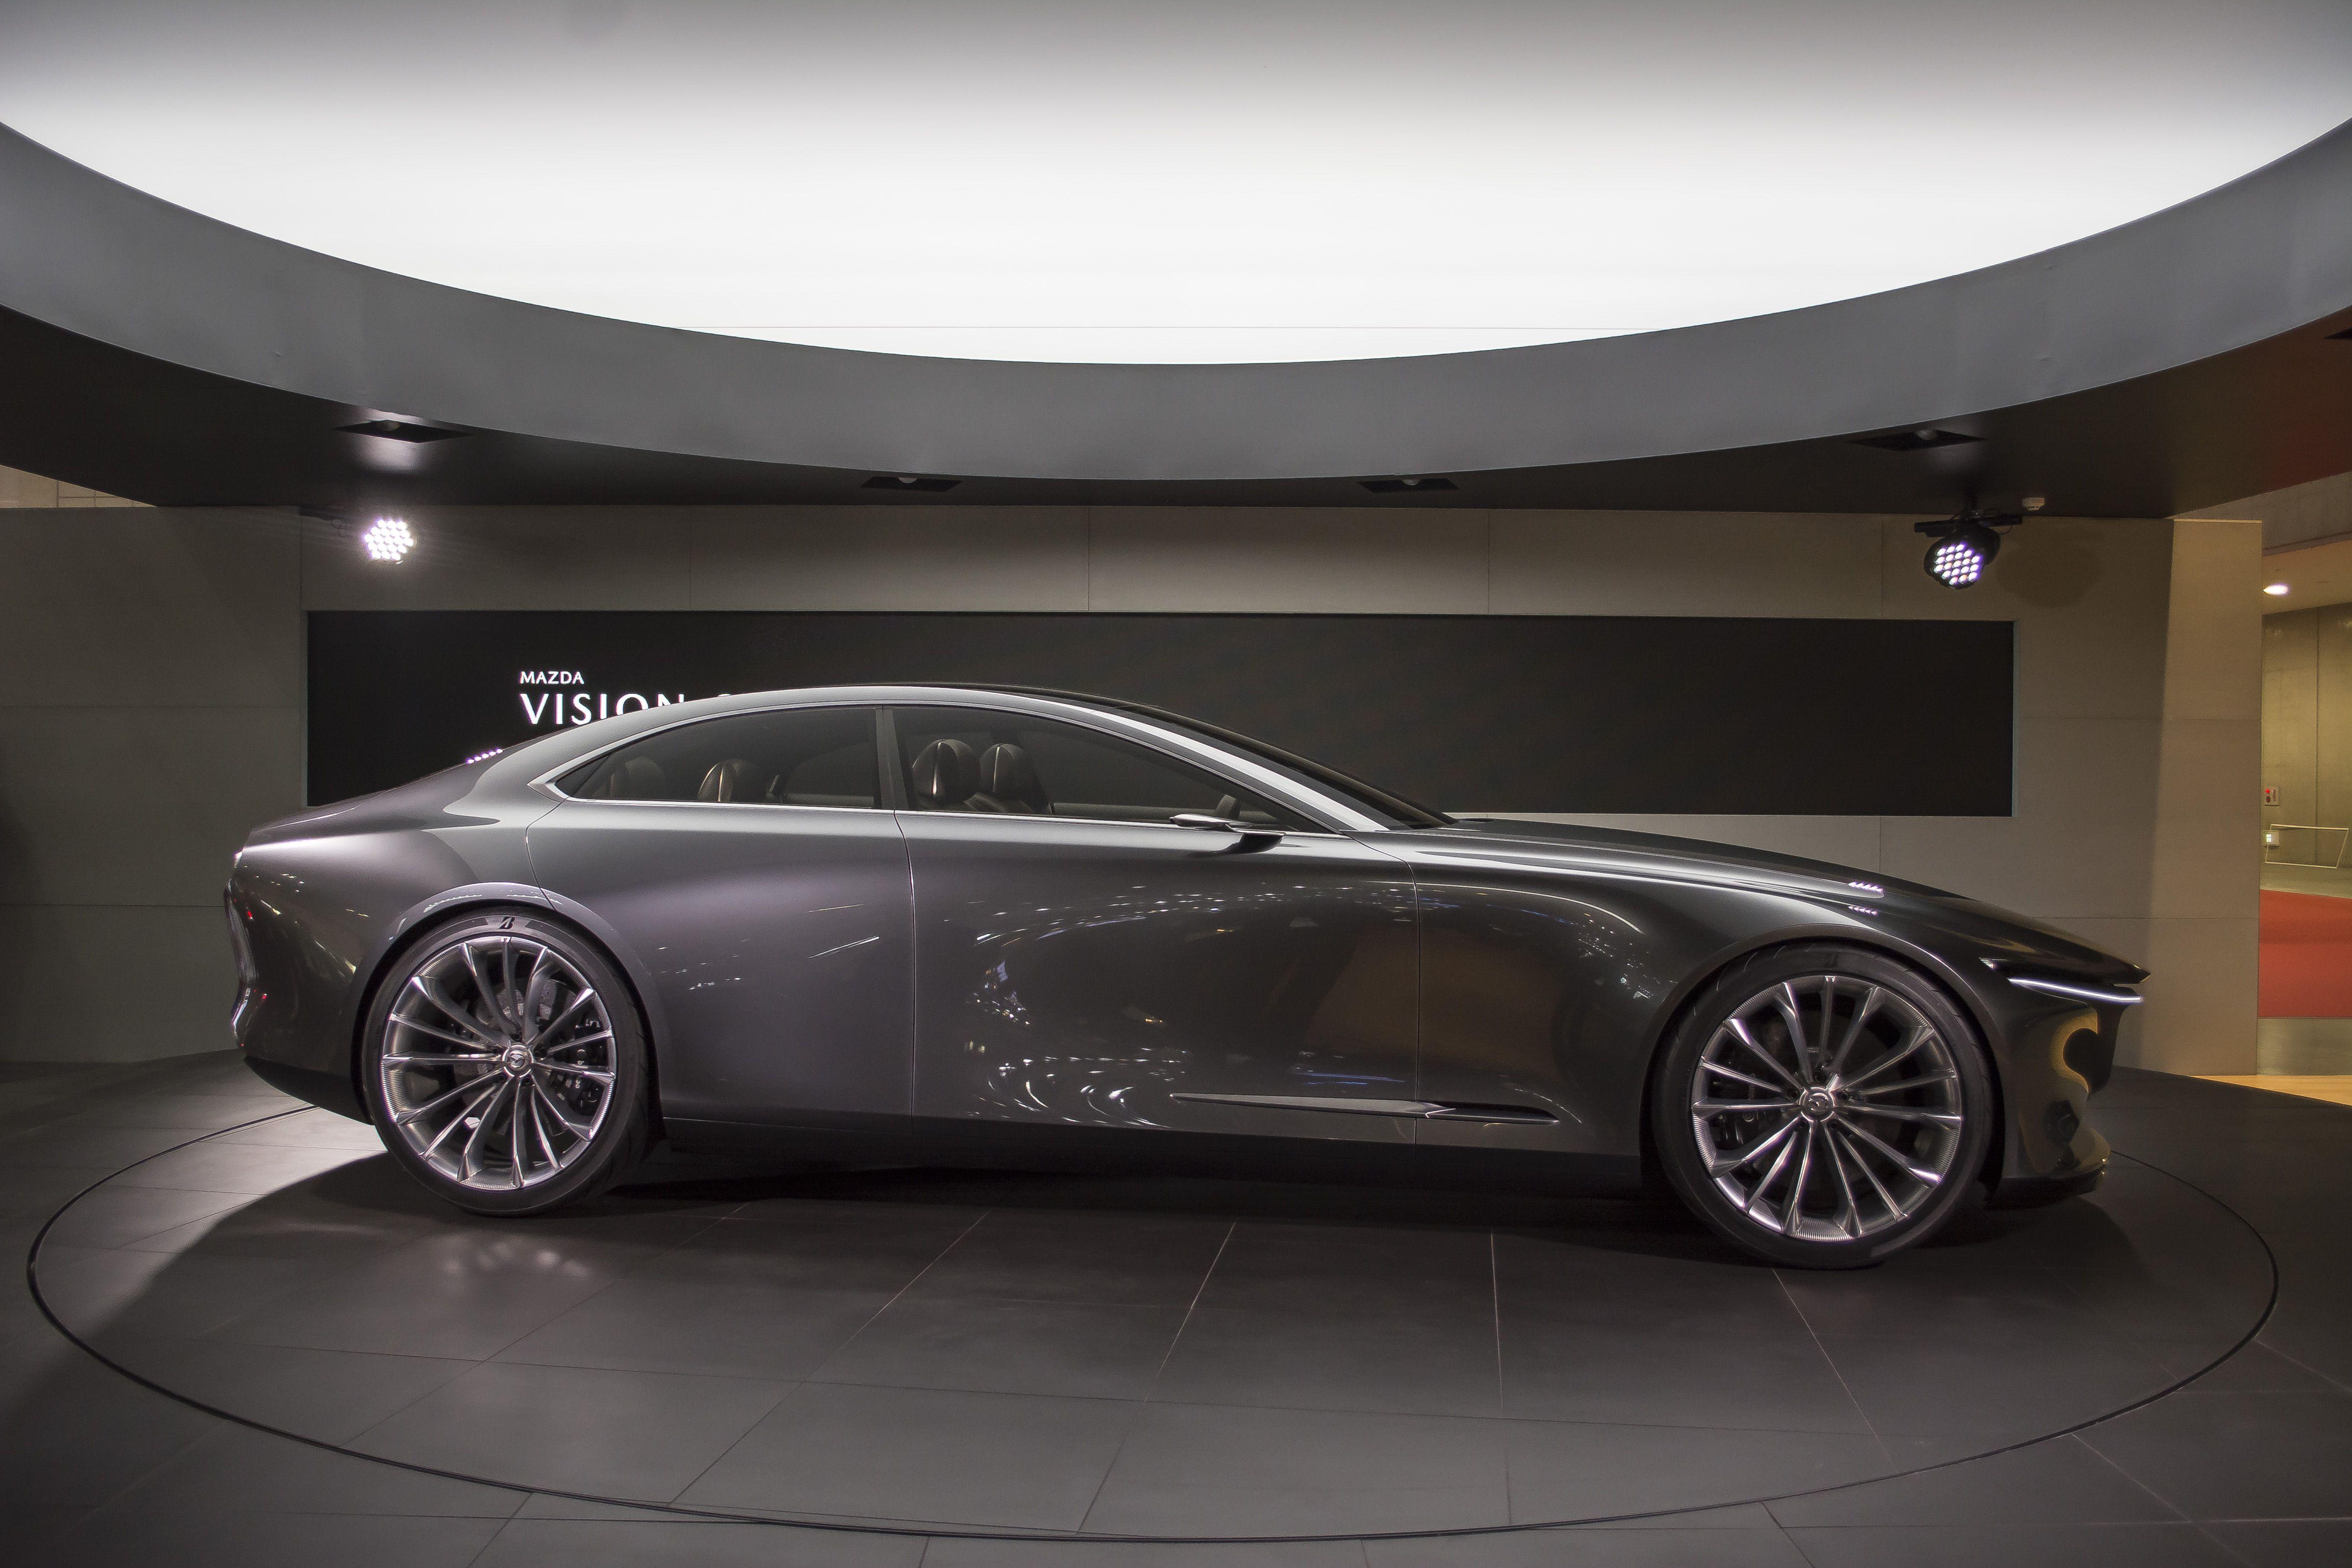 マツダが直列6気筒エンジンとFR戦略で目指すブランドの将来像